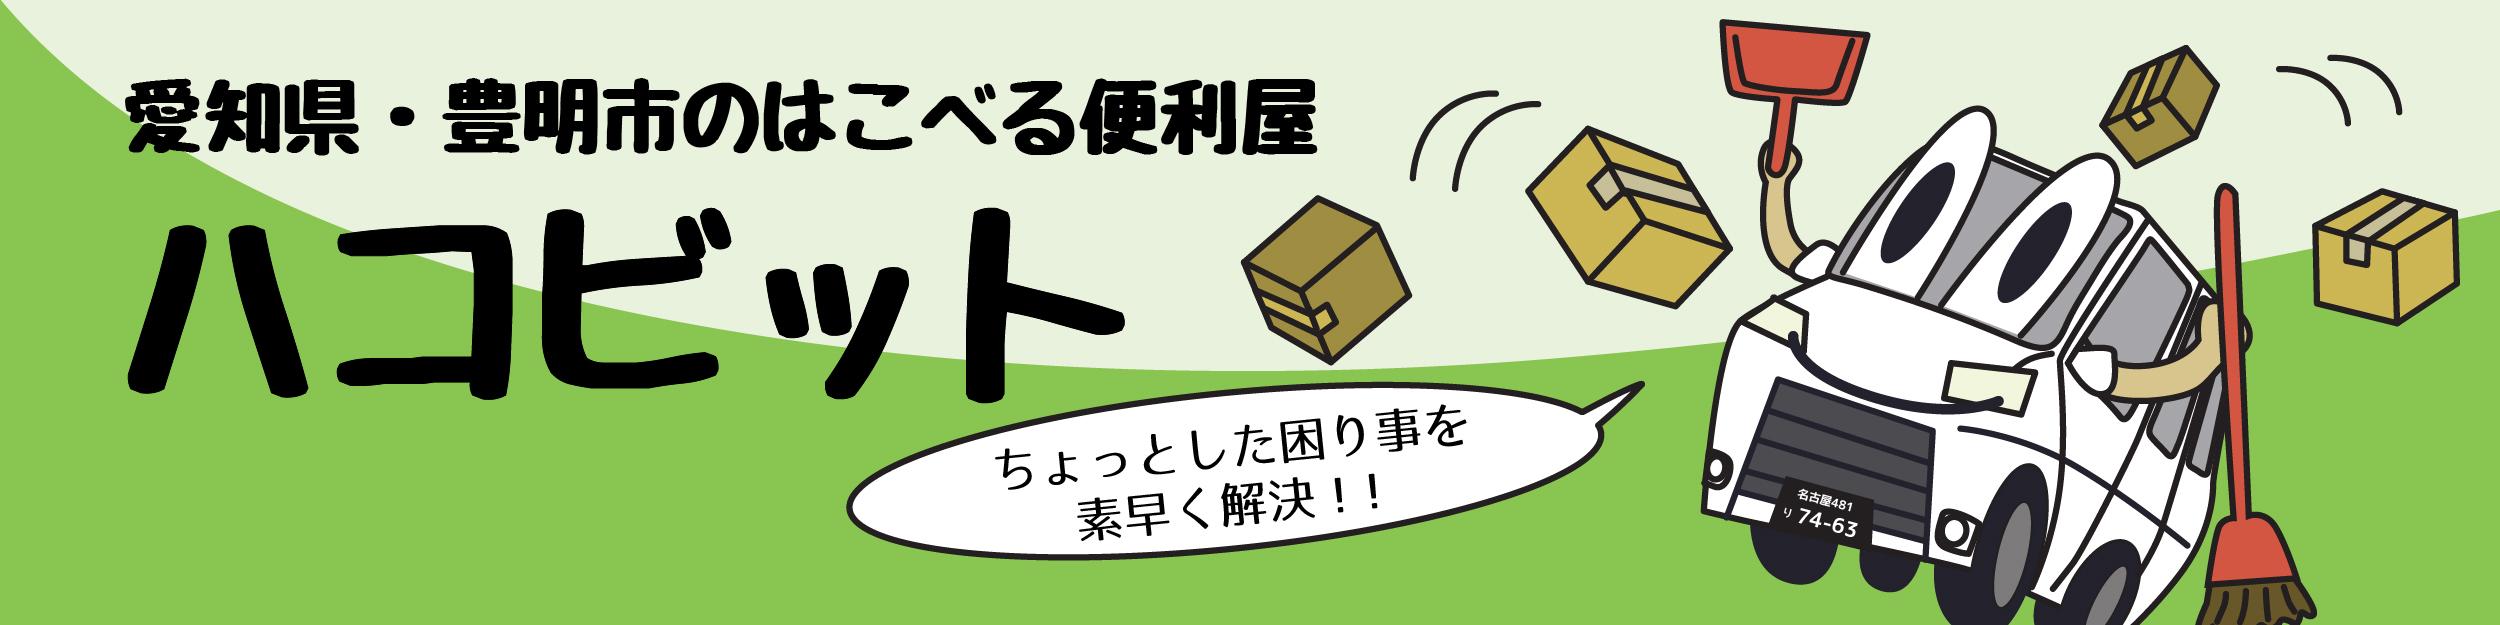 愛知県・豊明市の運べる便利屋 ハコビット